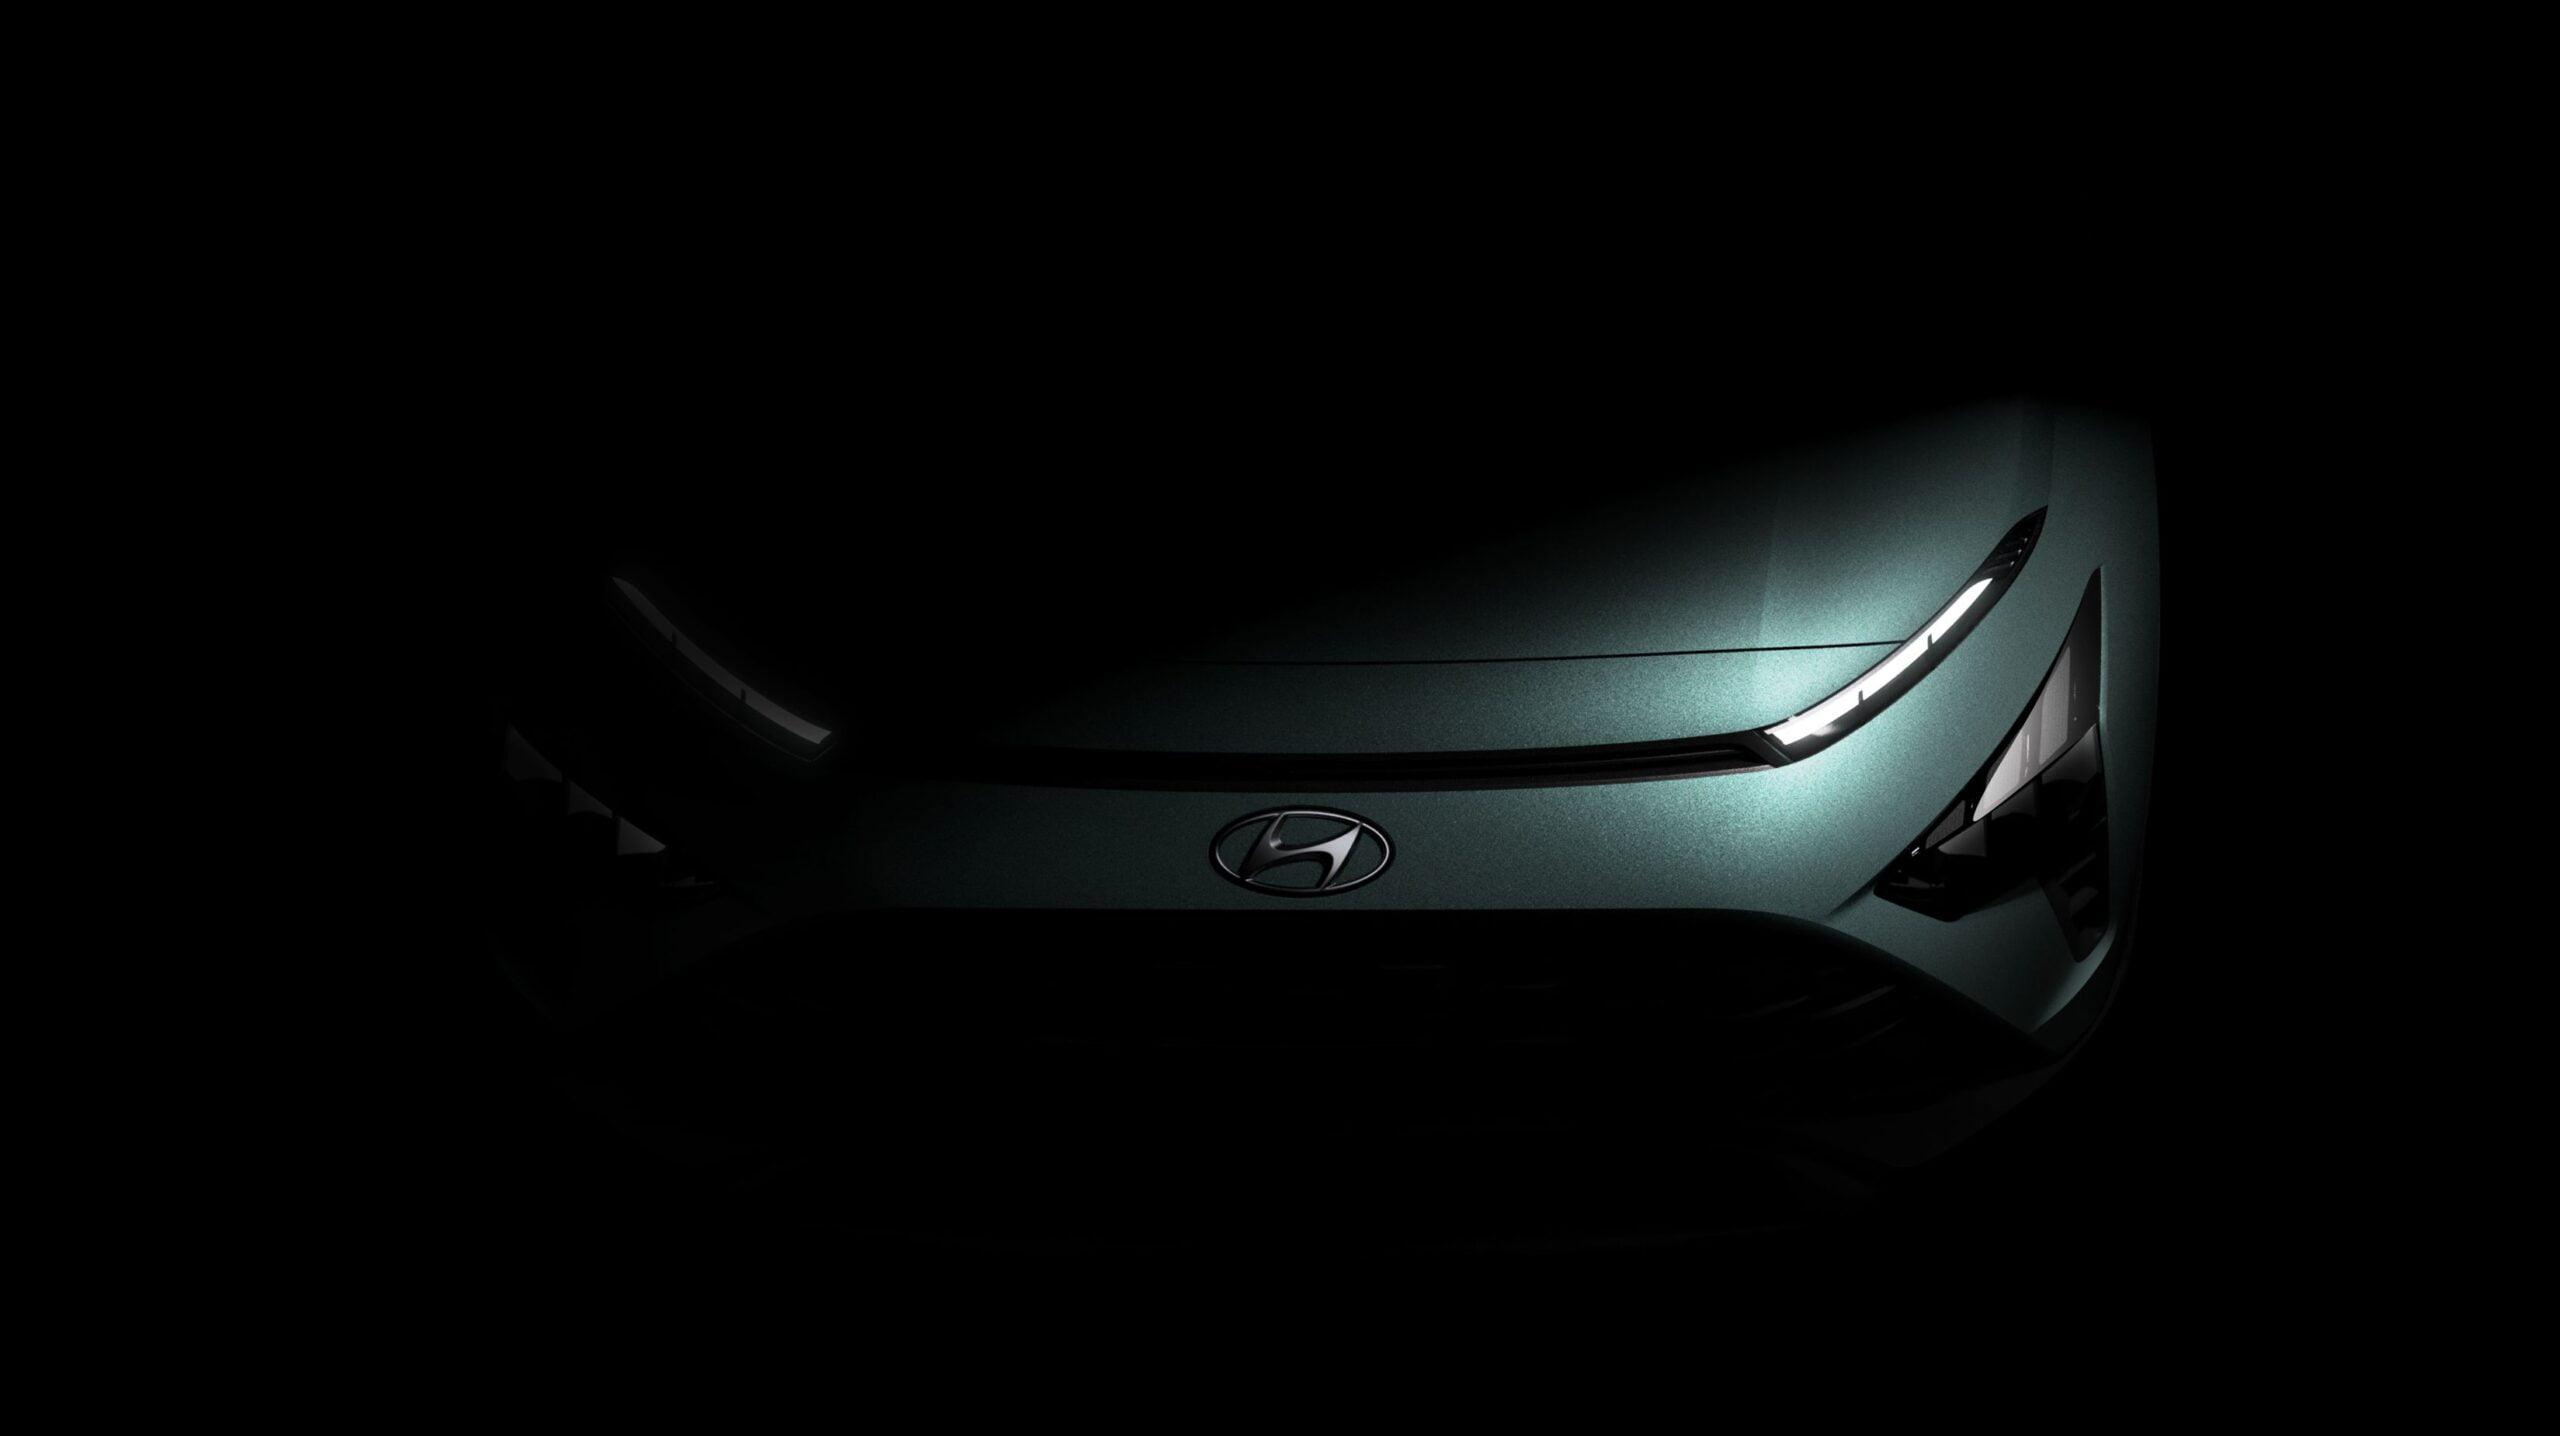 Türkiye'de üretilecek Hyundai Bayon böyle görünecek!